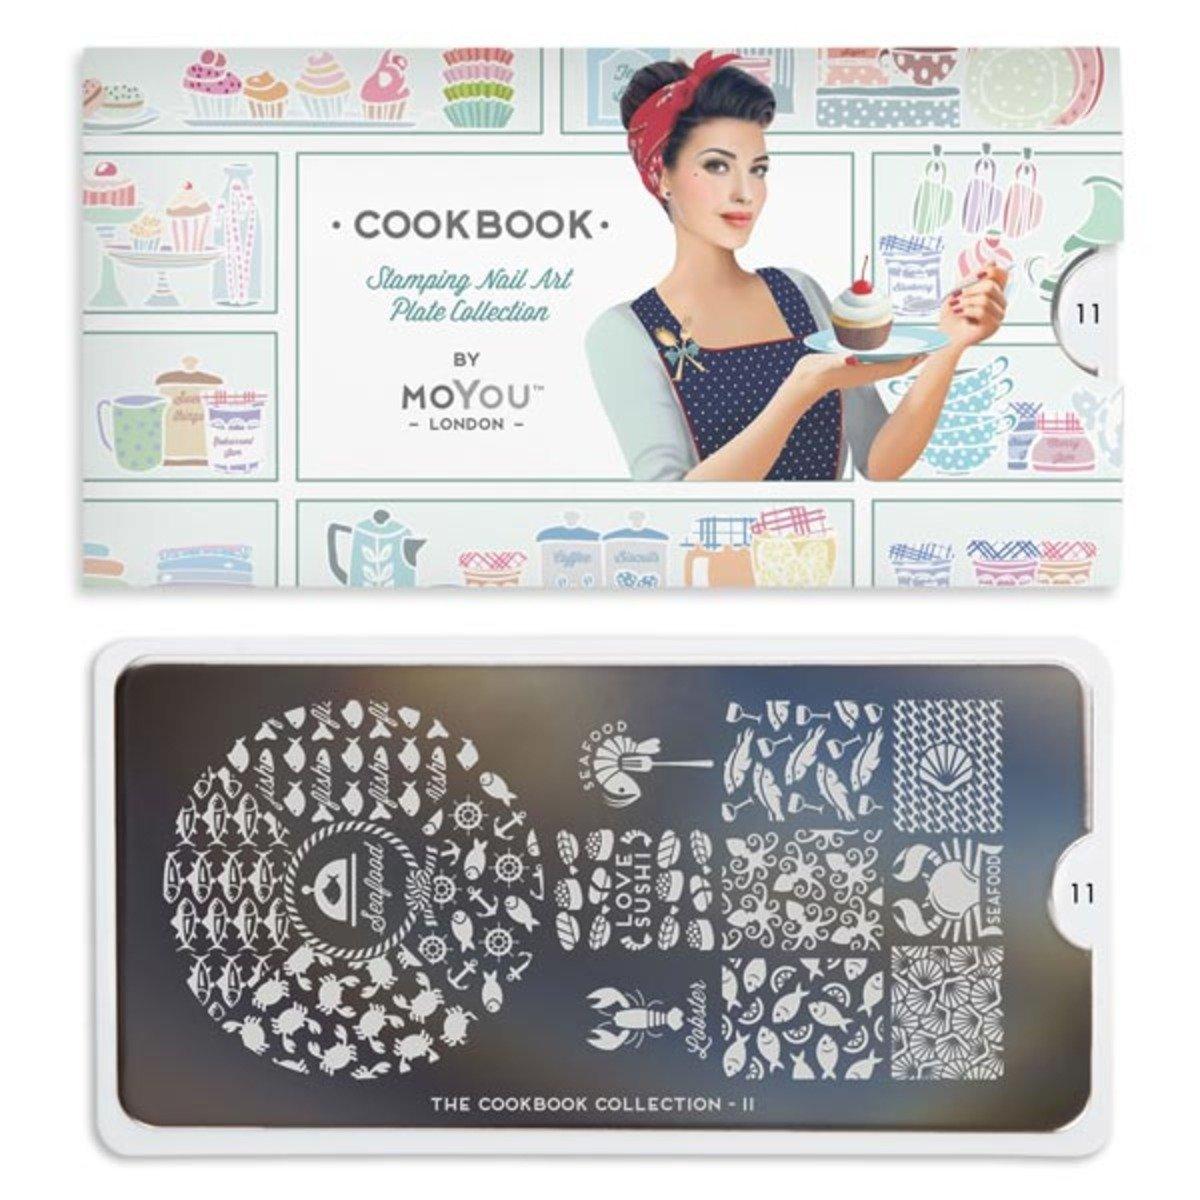 印花板 - 廚娘系列 11